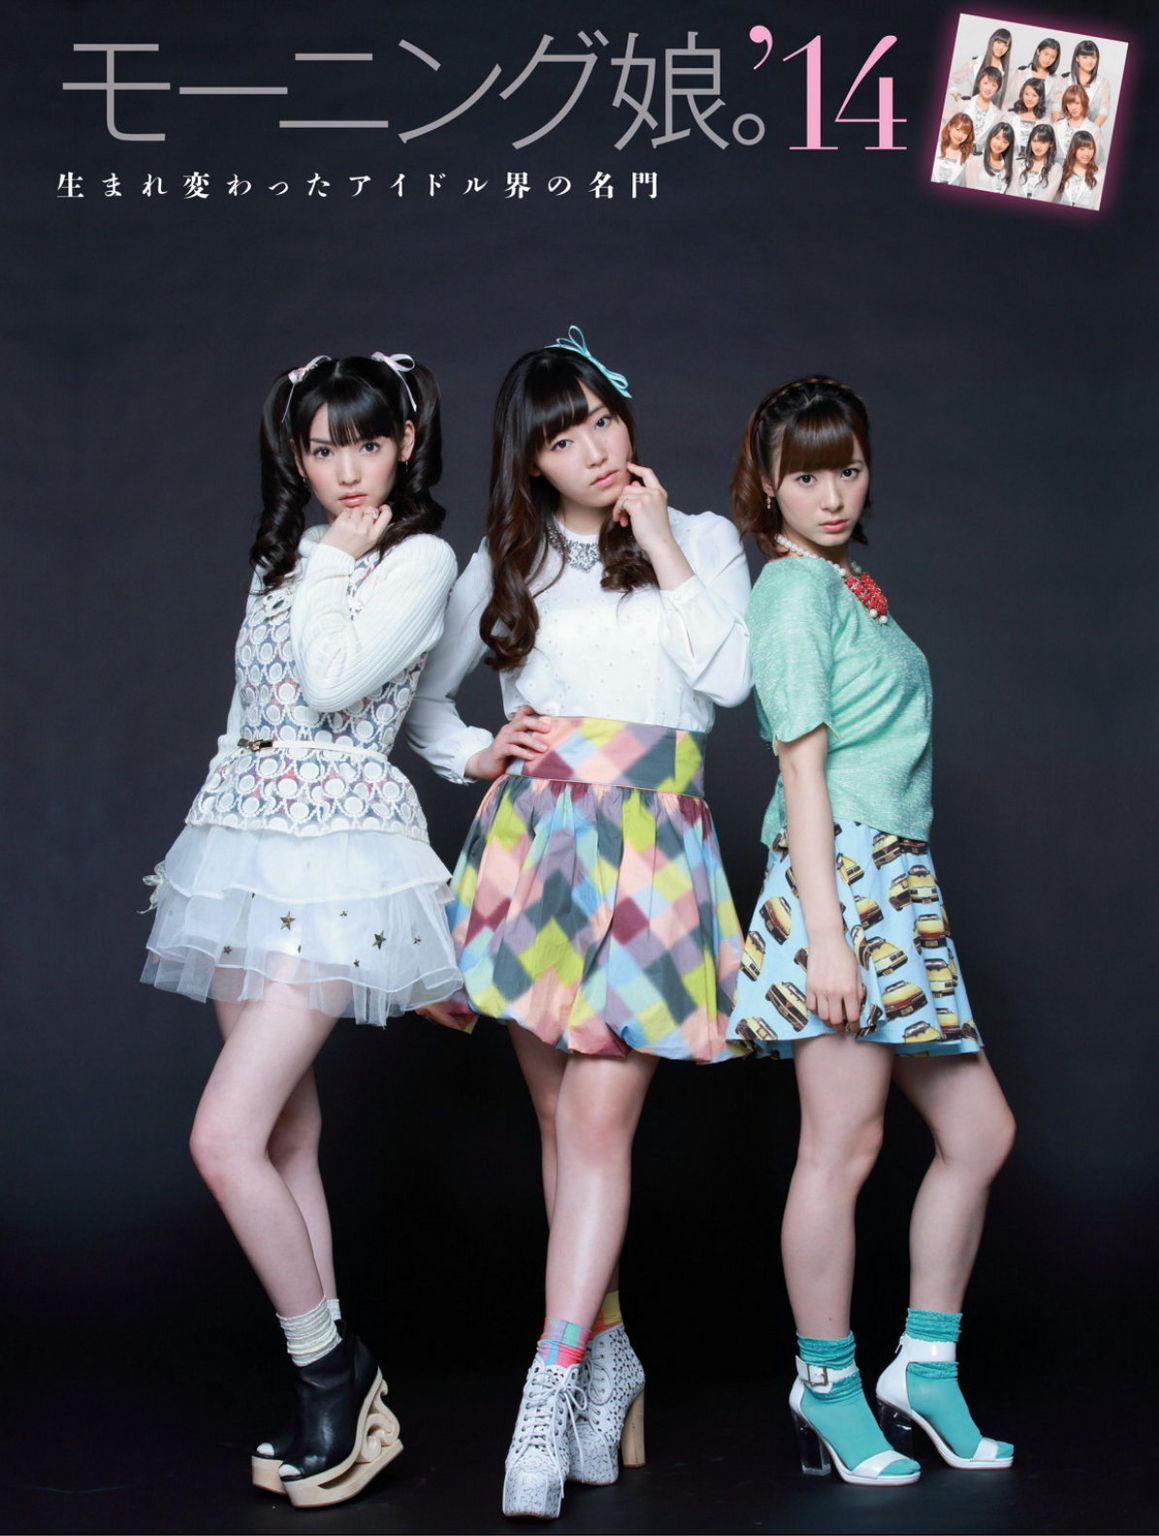 Michishige Sayumi, Fukumura Mizuki and Ikuta Erina